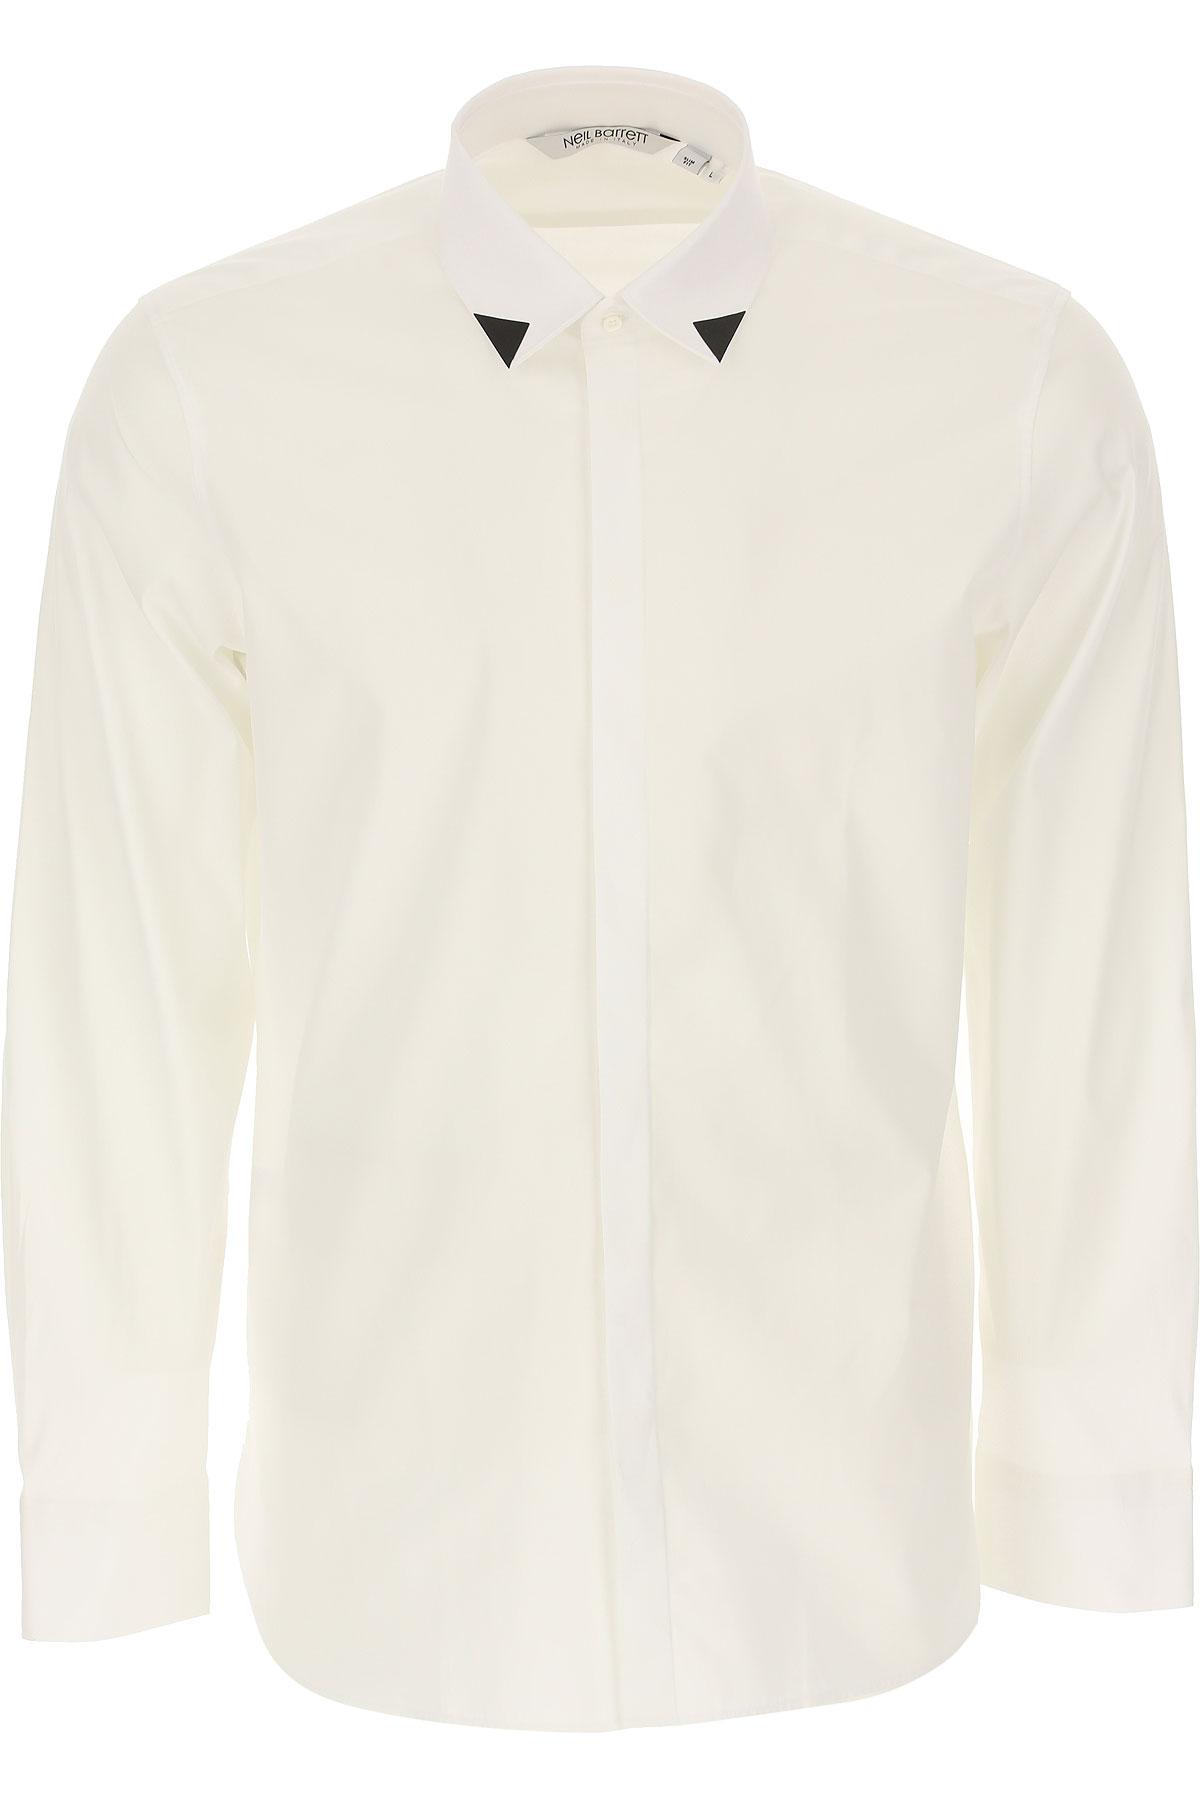 Neil Barrett Shirt for Men, White, Cotton, 2019, S • IT 46 M • IT 48 L • IT 50